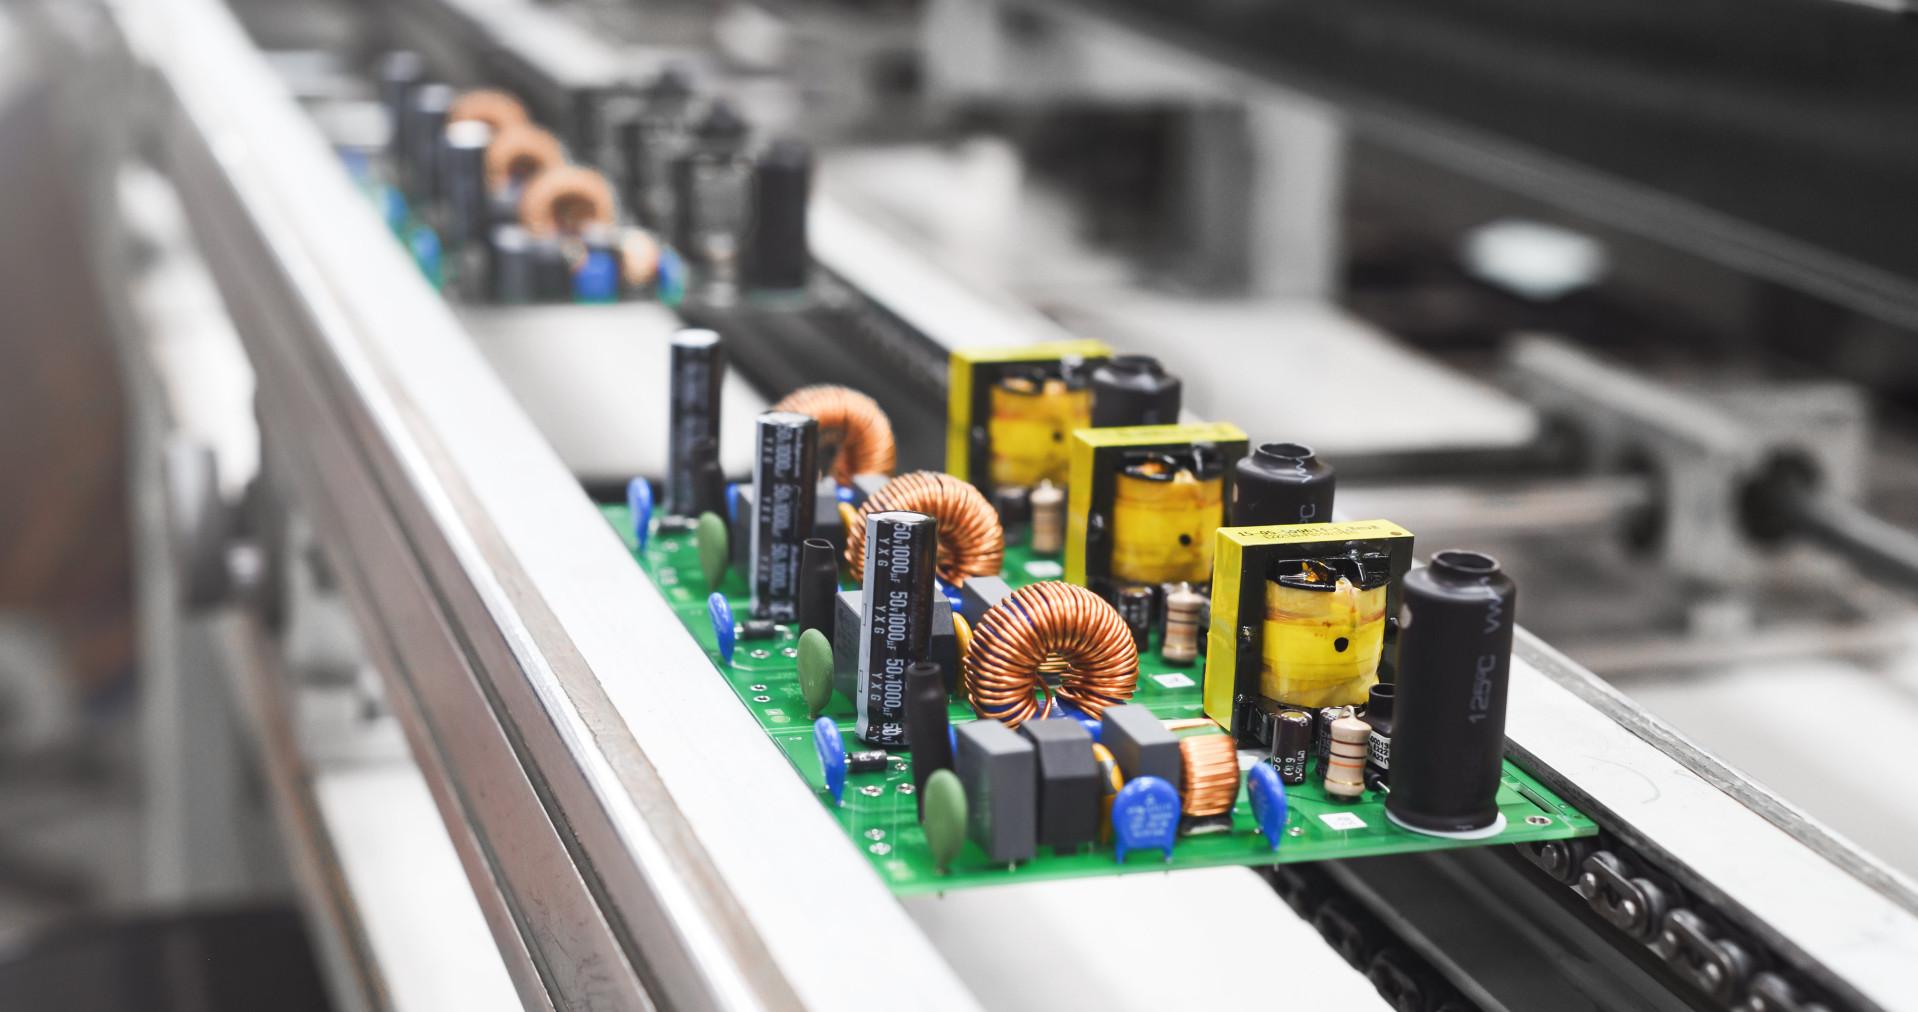 le industrie elettroniche dipendono dall'affidabilità delle soluzioni logistiche